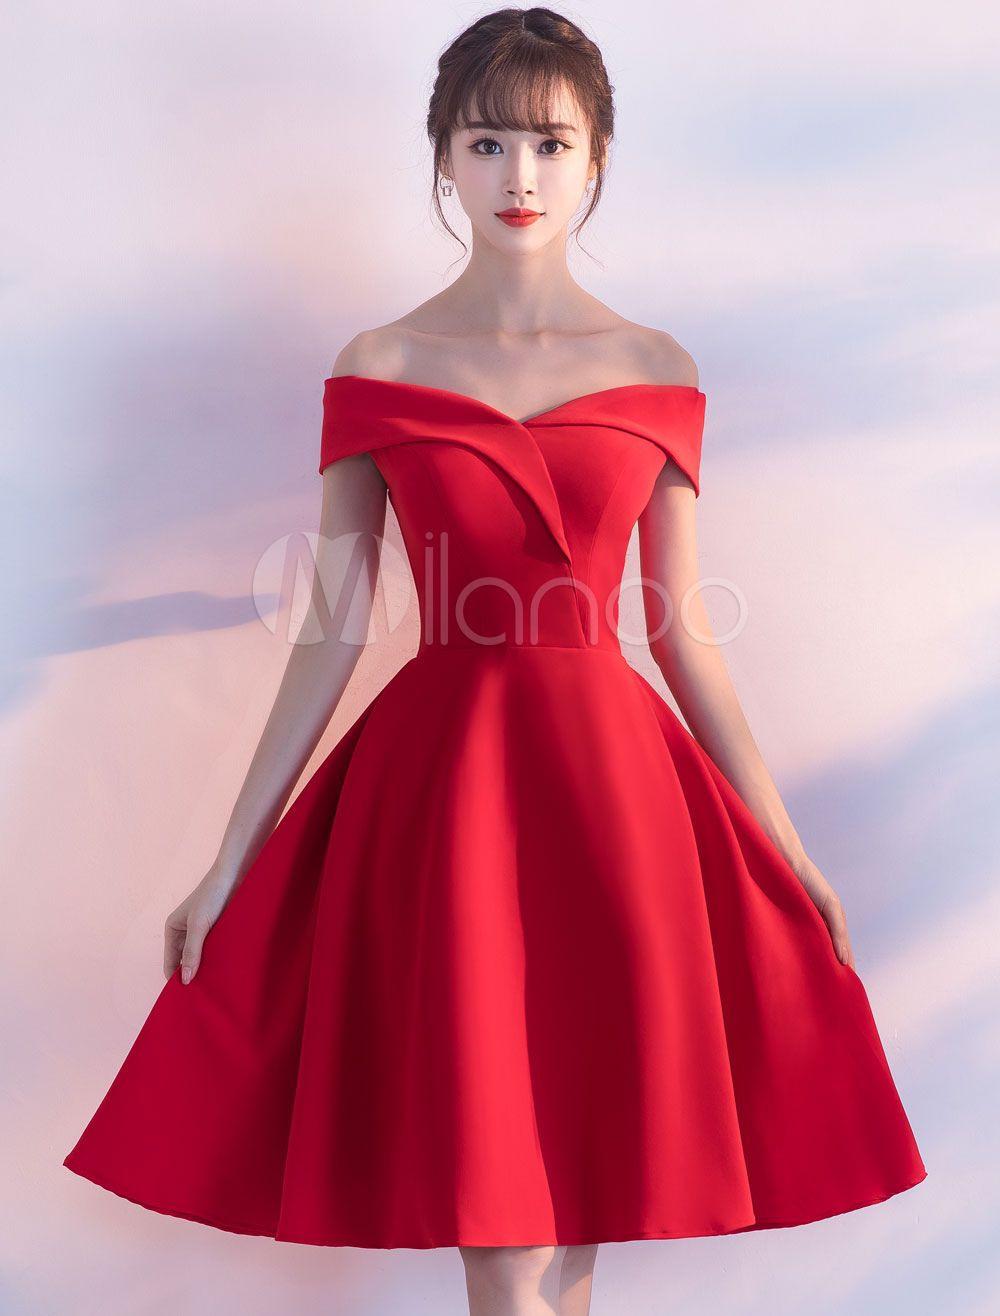 10 Schön Rotes Abendkleid Kurz Bester Preis10 Top Rotes Abendkleid Kurz Bester Preis